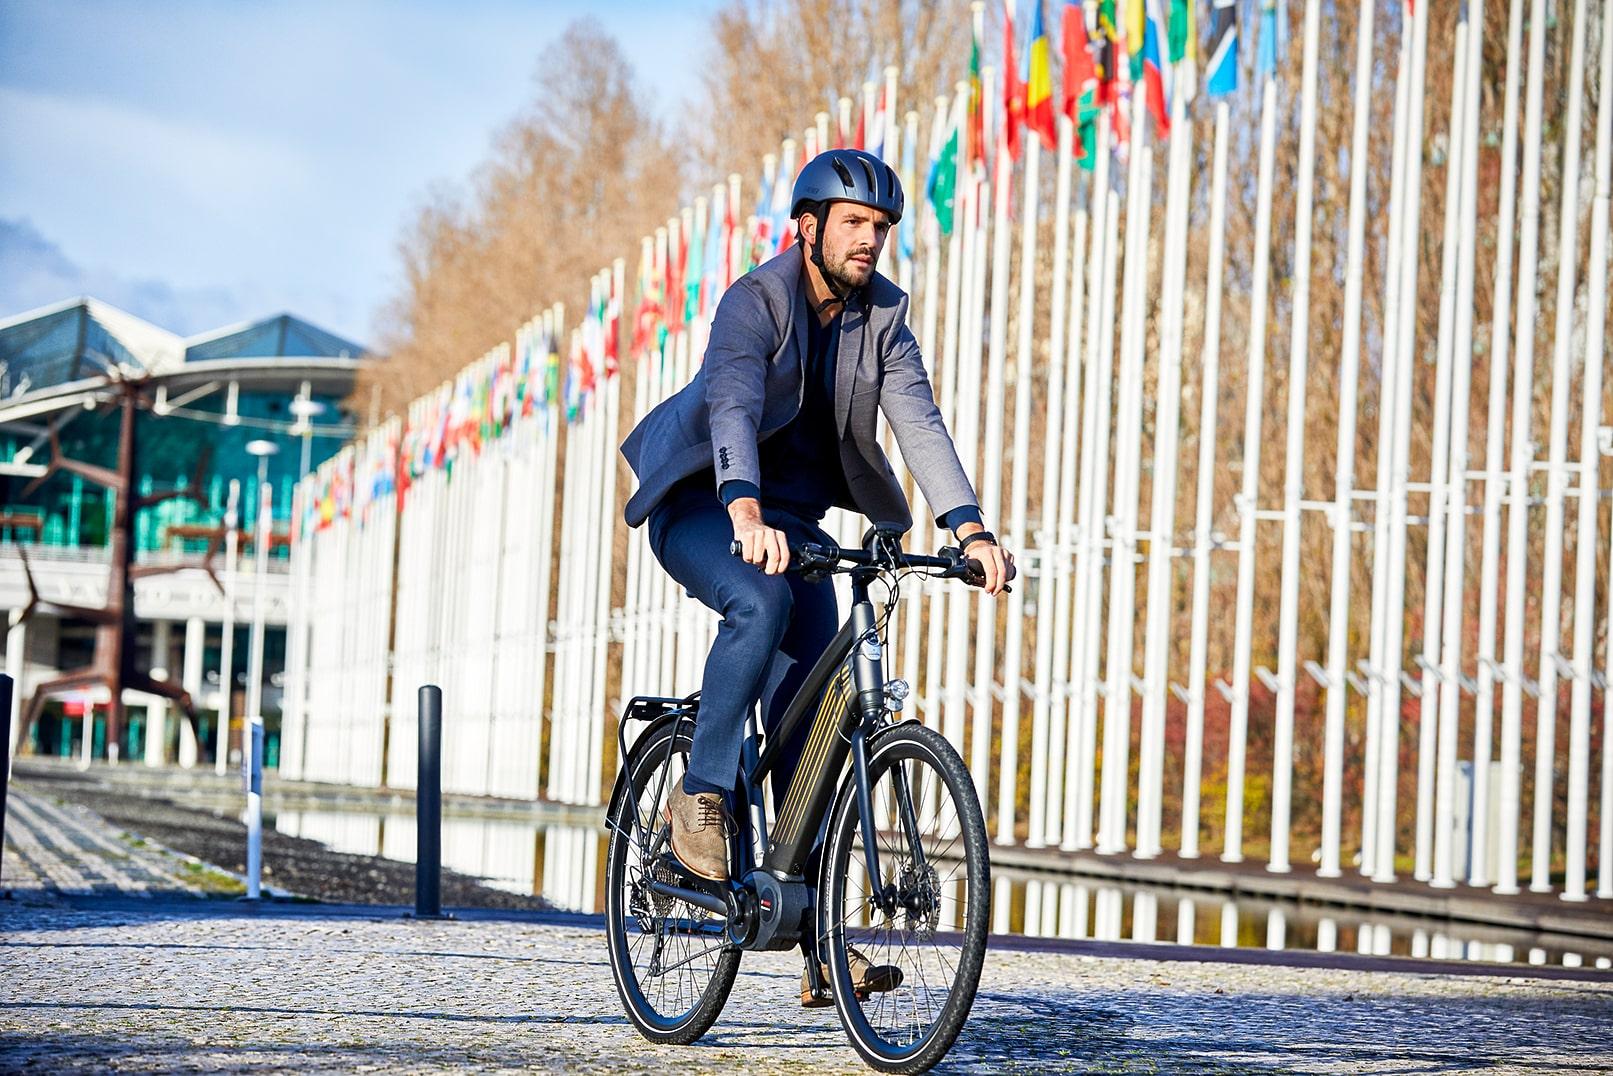 Mand på cykel